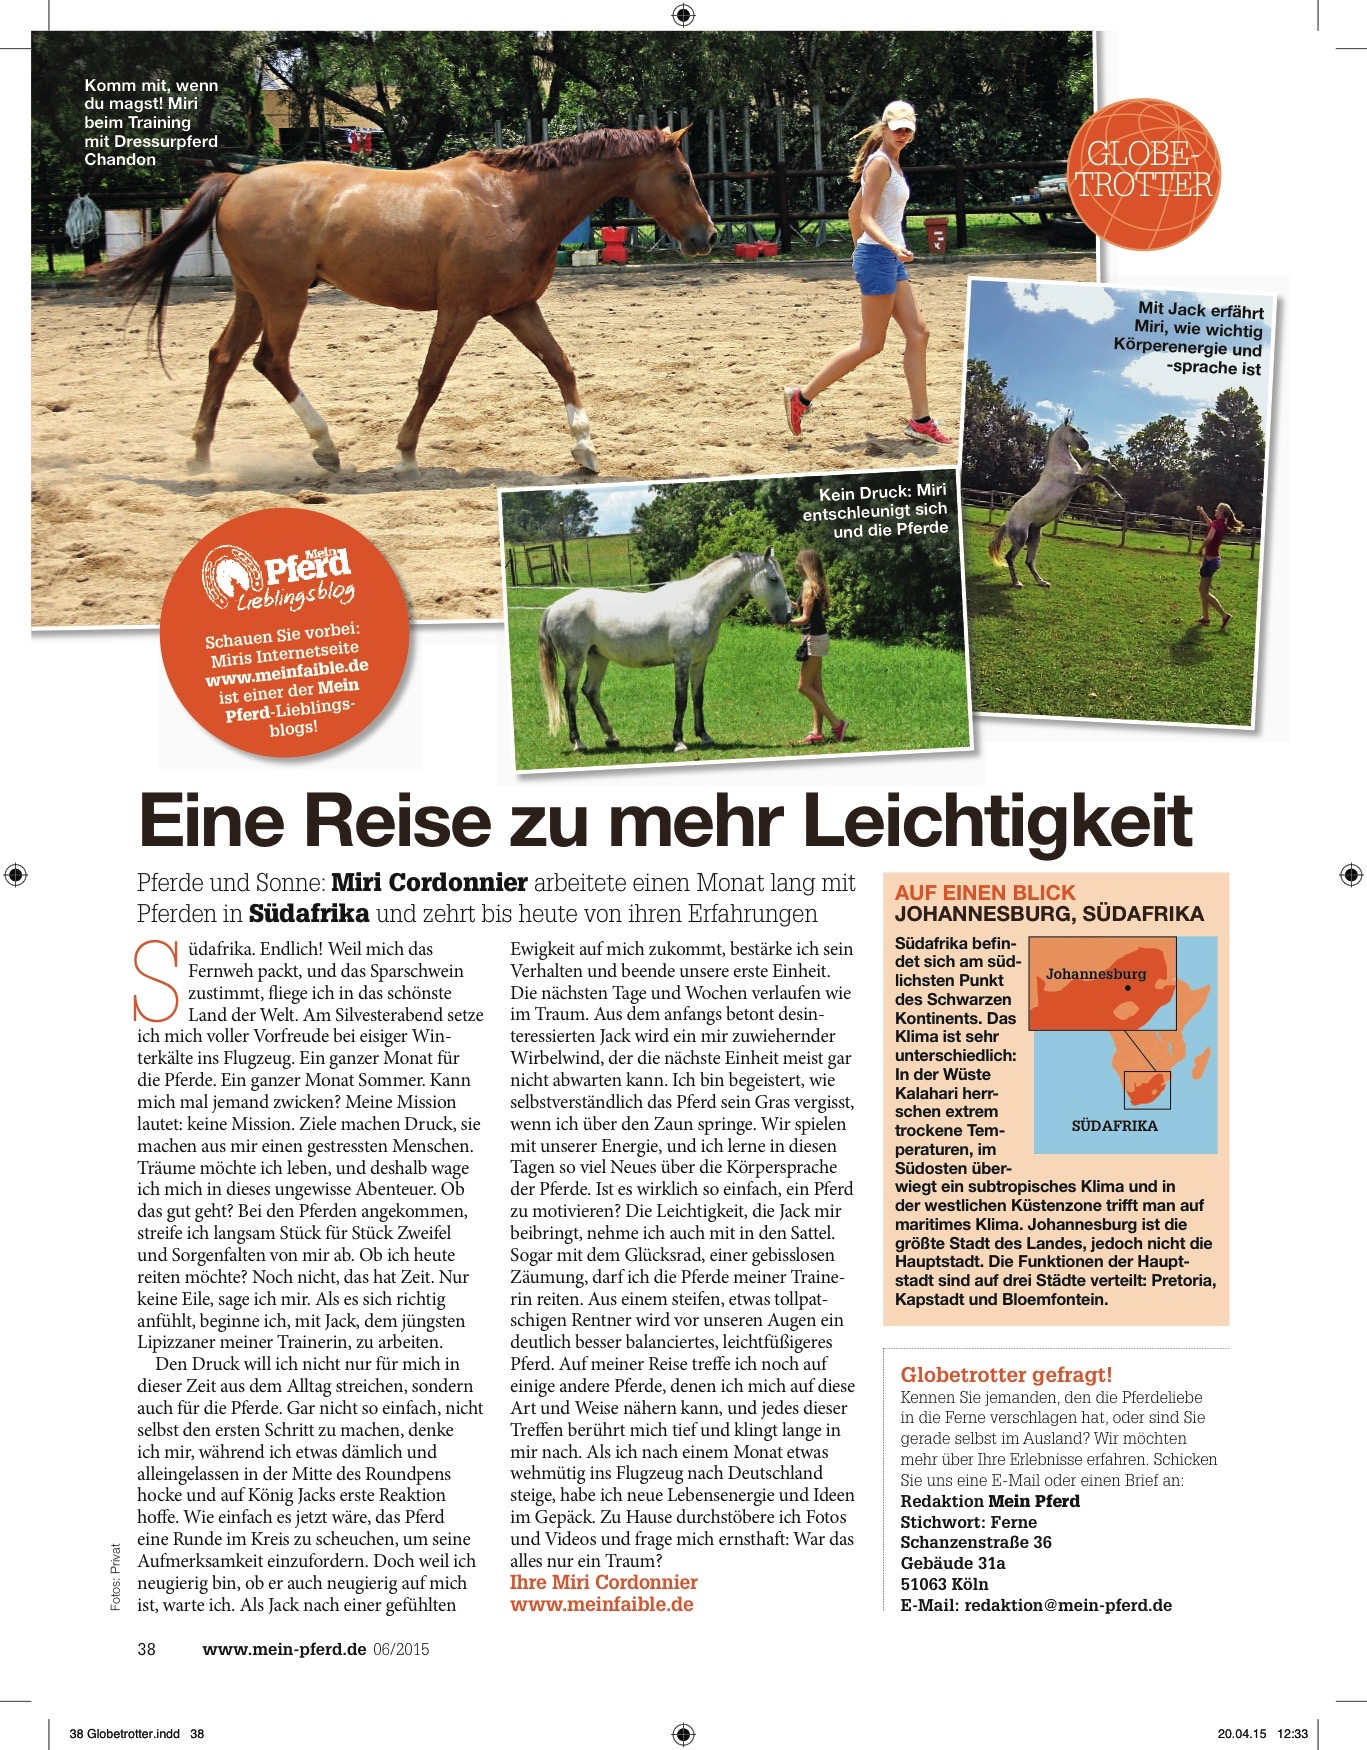 Globetrotter_MeinPferd